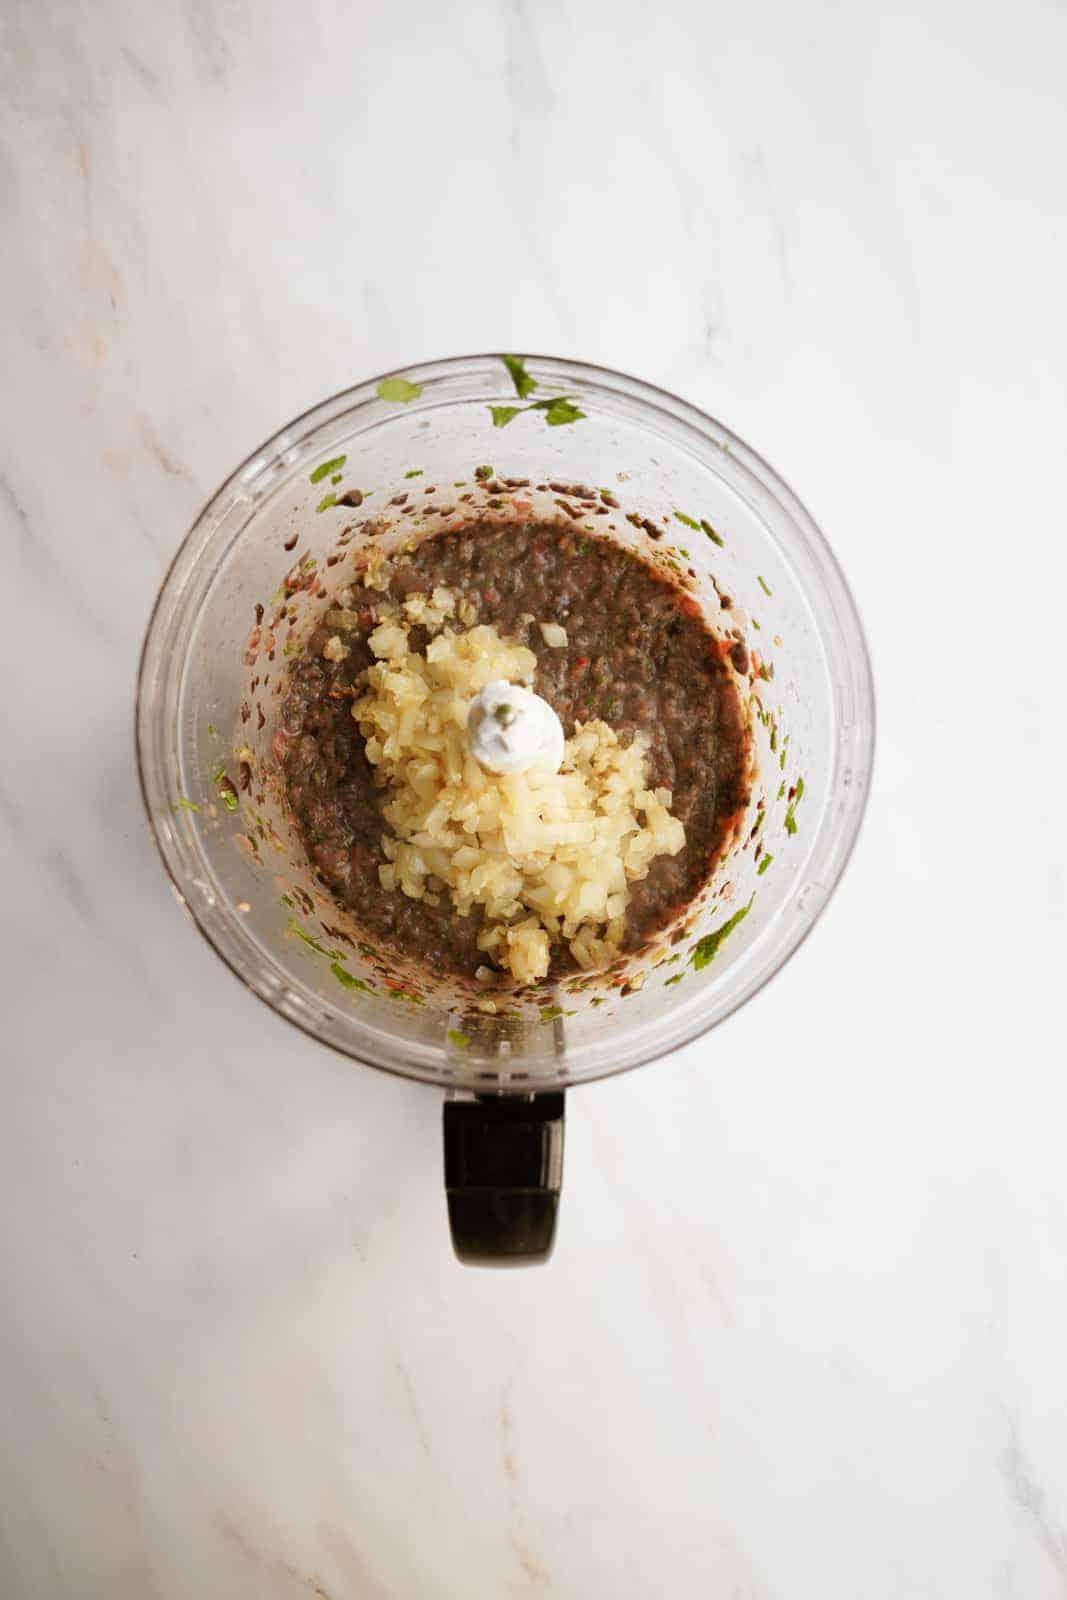 Black Bean Dip ingredients in a food processor.